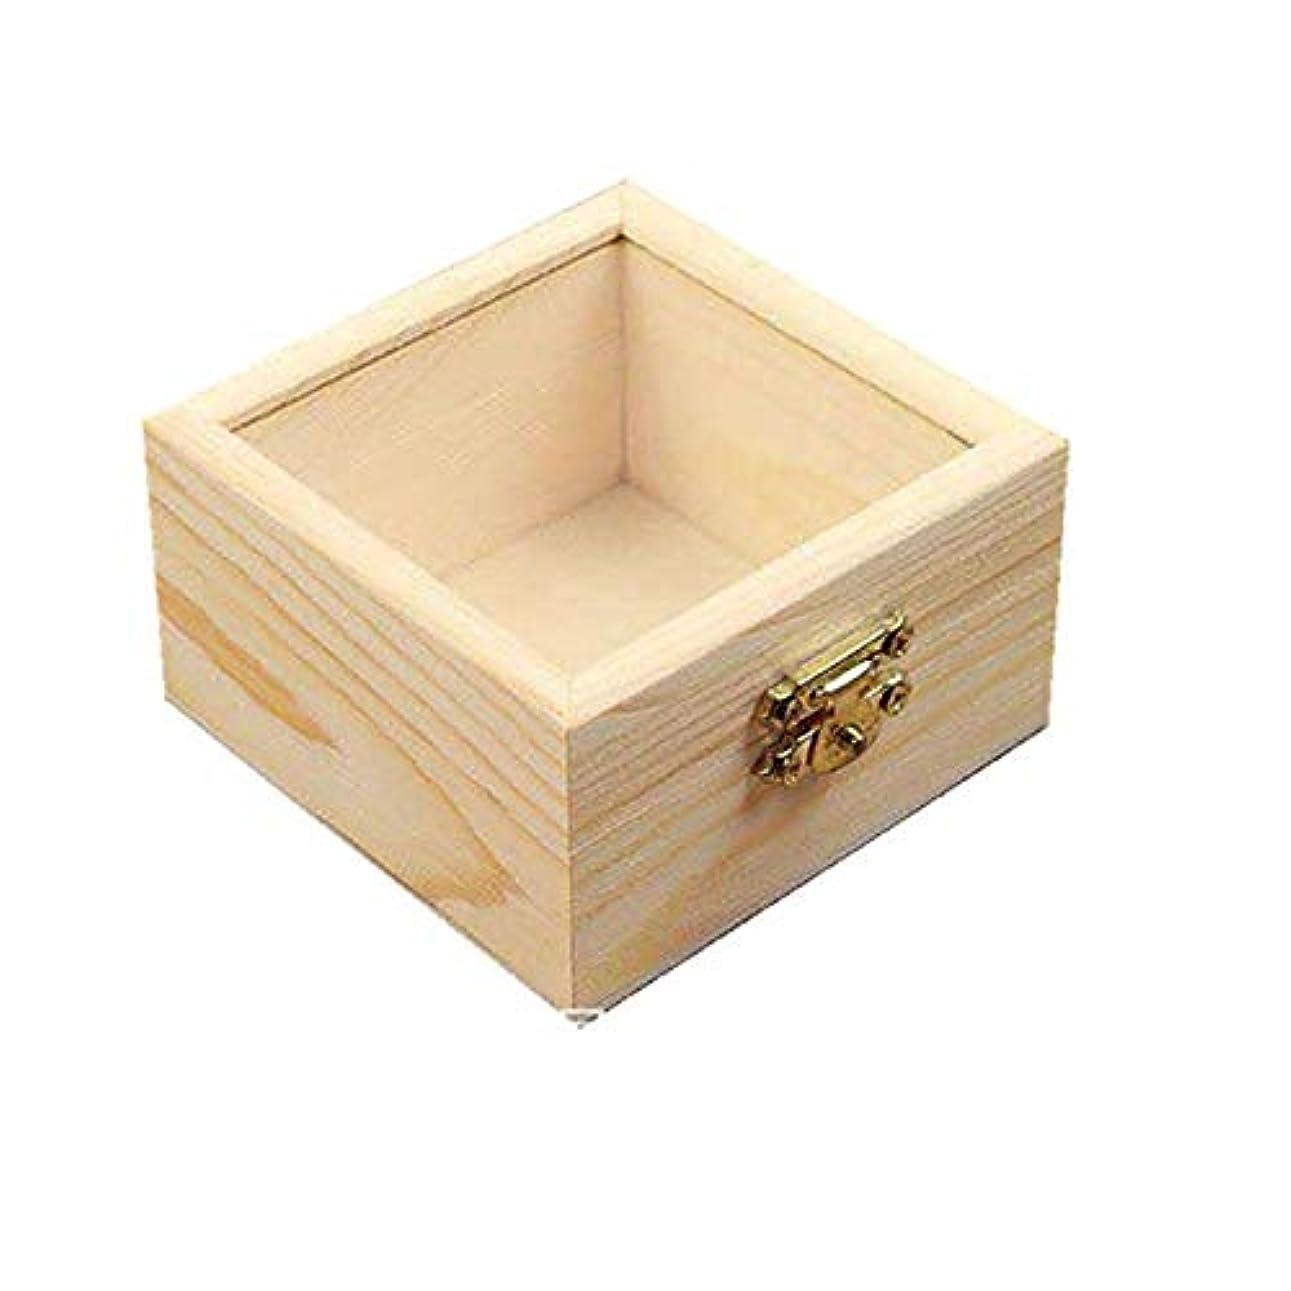 悪因子非常に怒っていますキャプテンプレゼンテーション用木製エッセンシャルオイルボックスパーフェクトエッセンシャルオイルケース アロマセラピー製品 (色 : Natural, サイズ : 8.5X8.5X5CM)